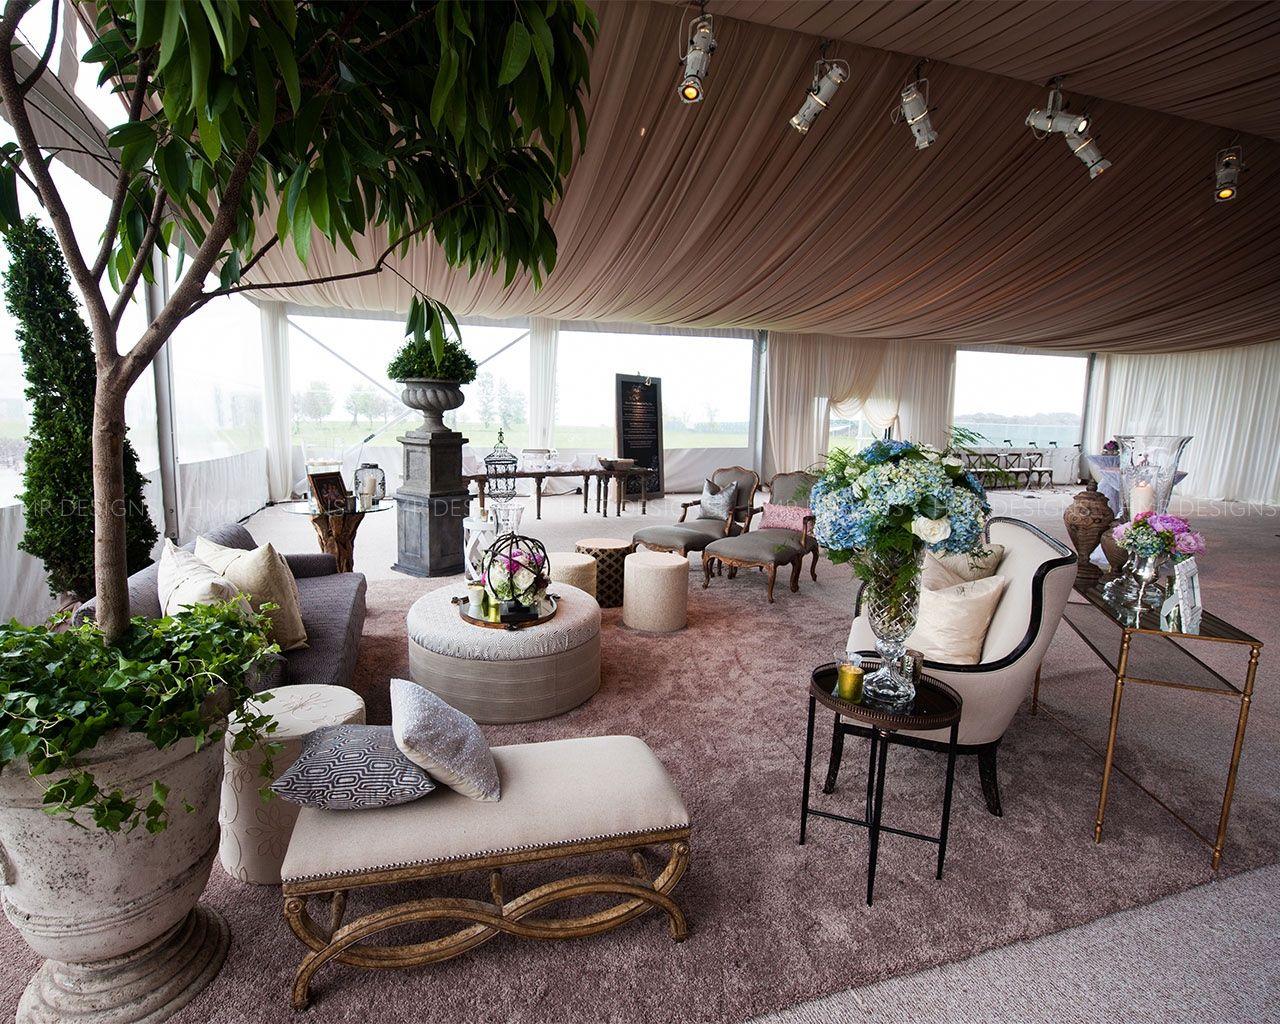 Great Wedding Rental Furniture Chicago Hmr Designs